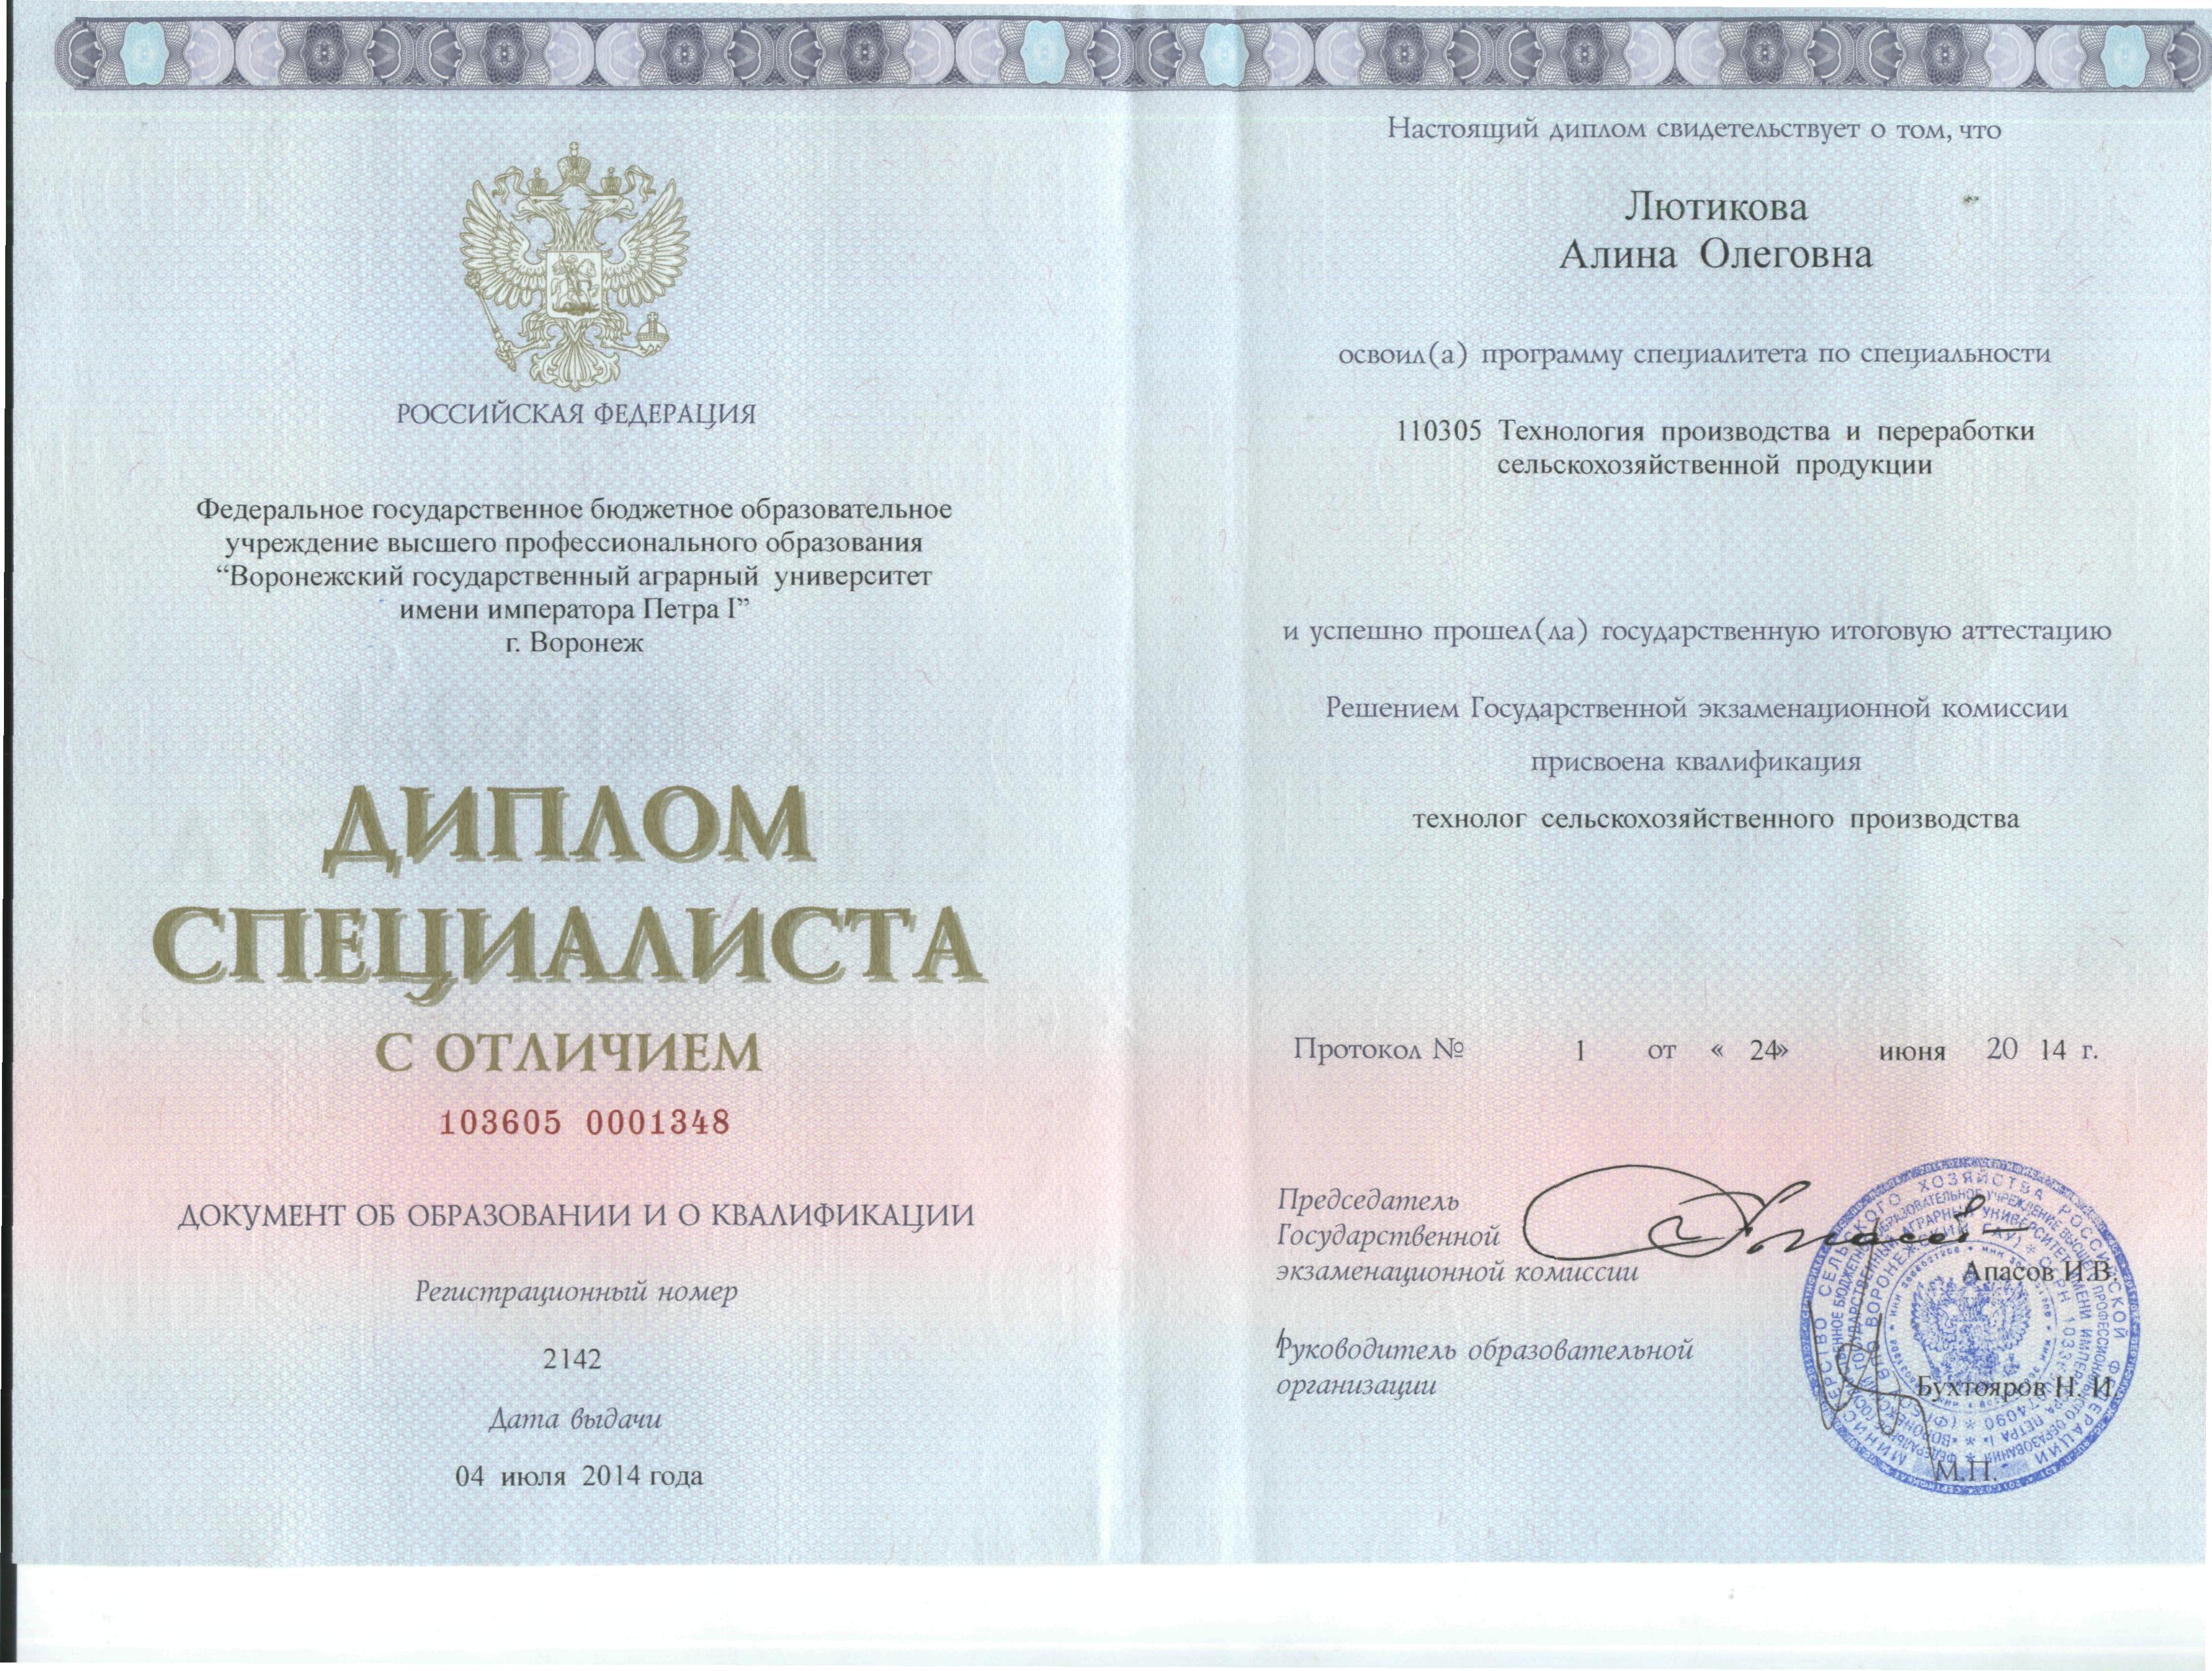 Ремез Евгений Викторович Отдел аспирантуры и докторантуры диплом